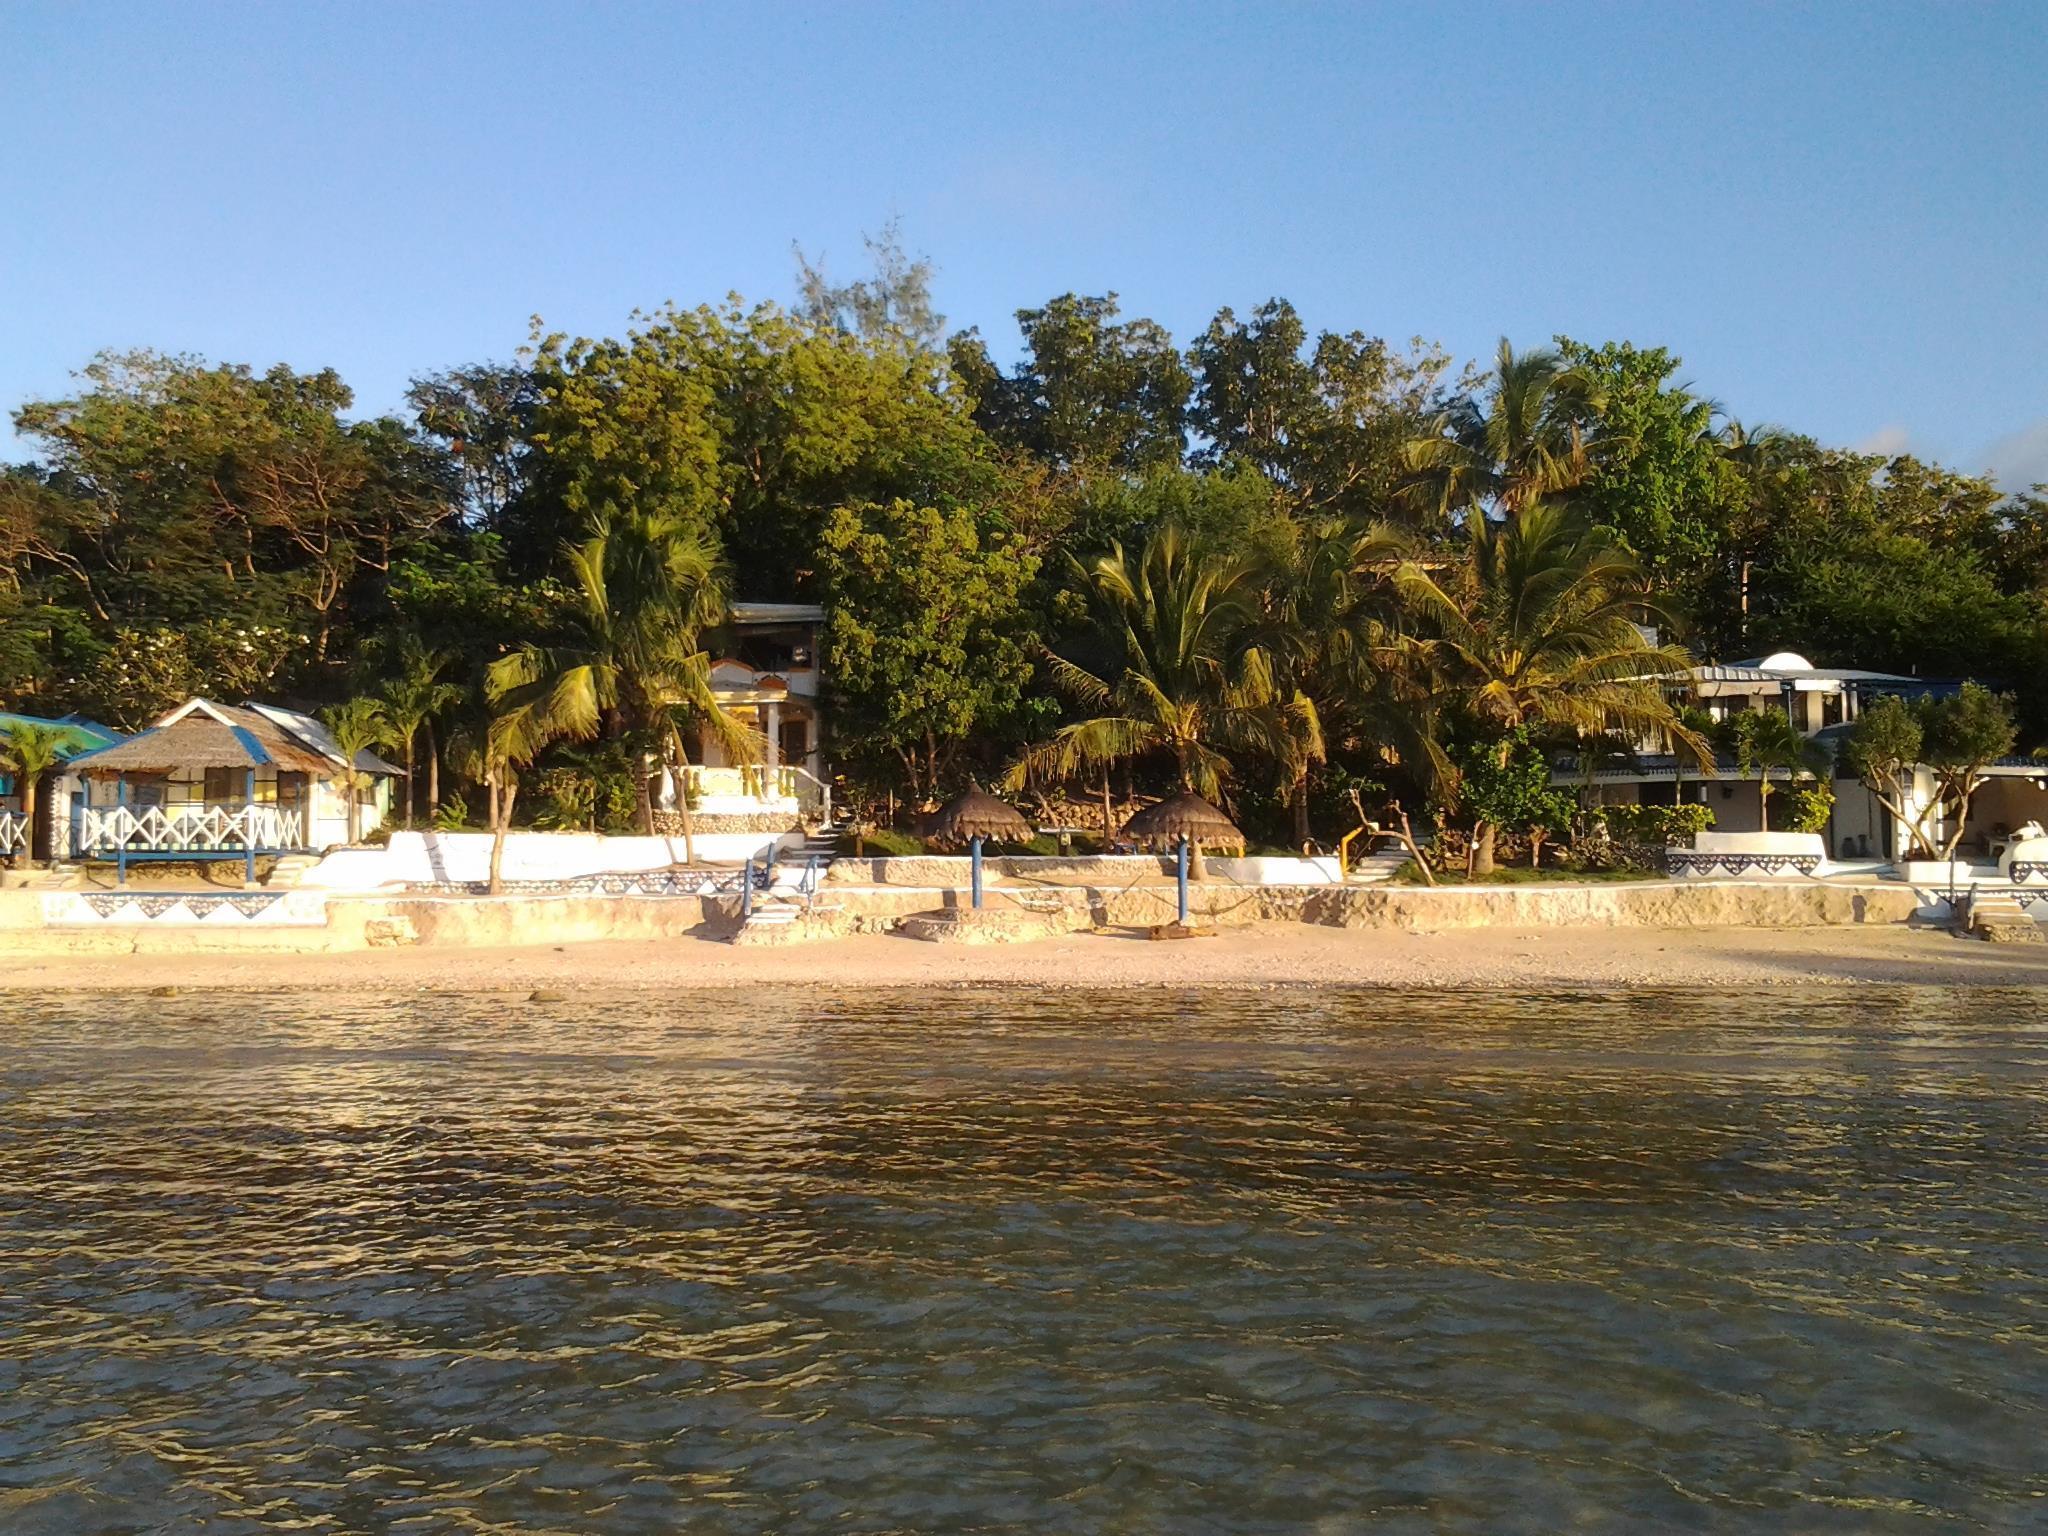 Casa De La Playa Beach Resort In Siquijor Island